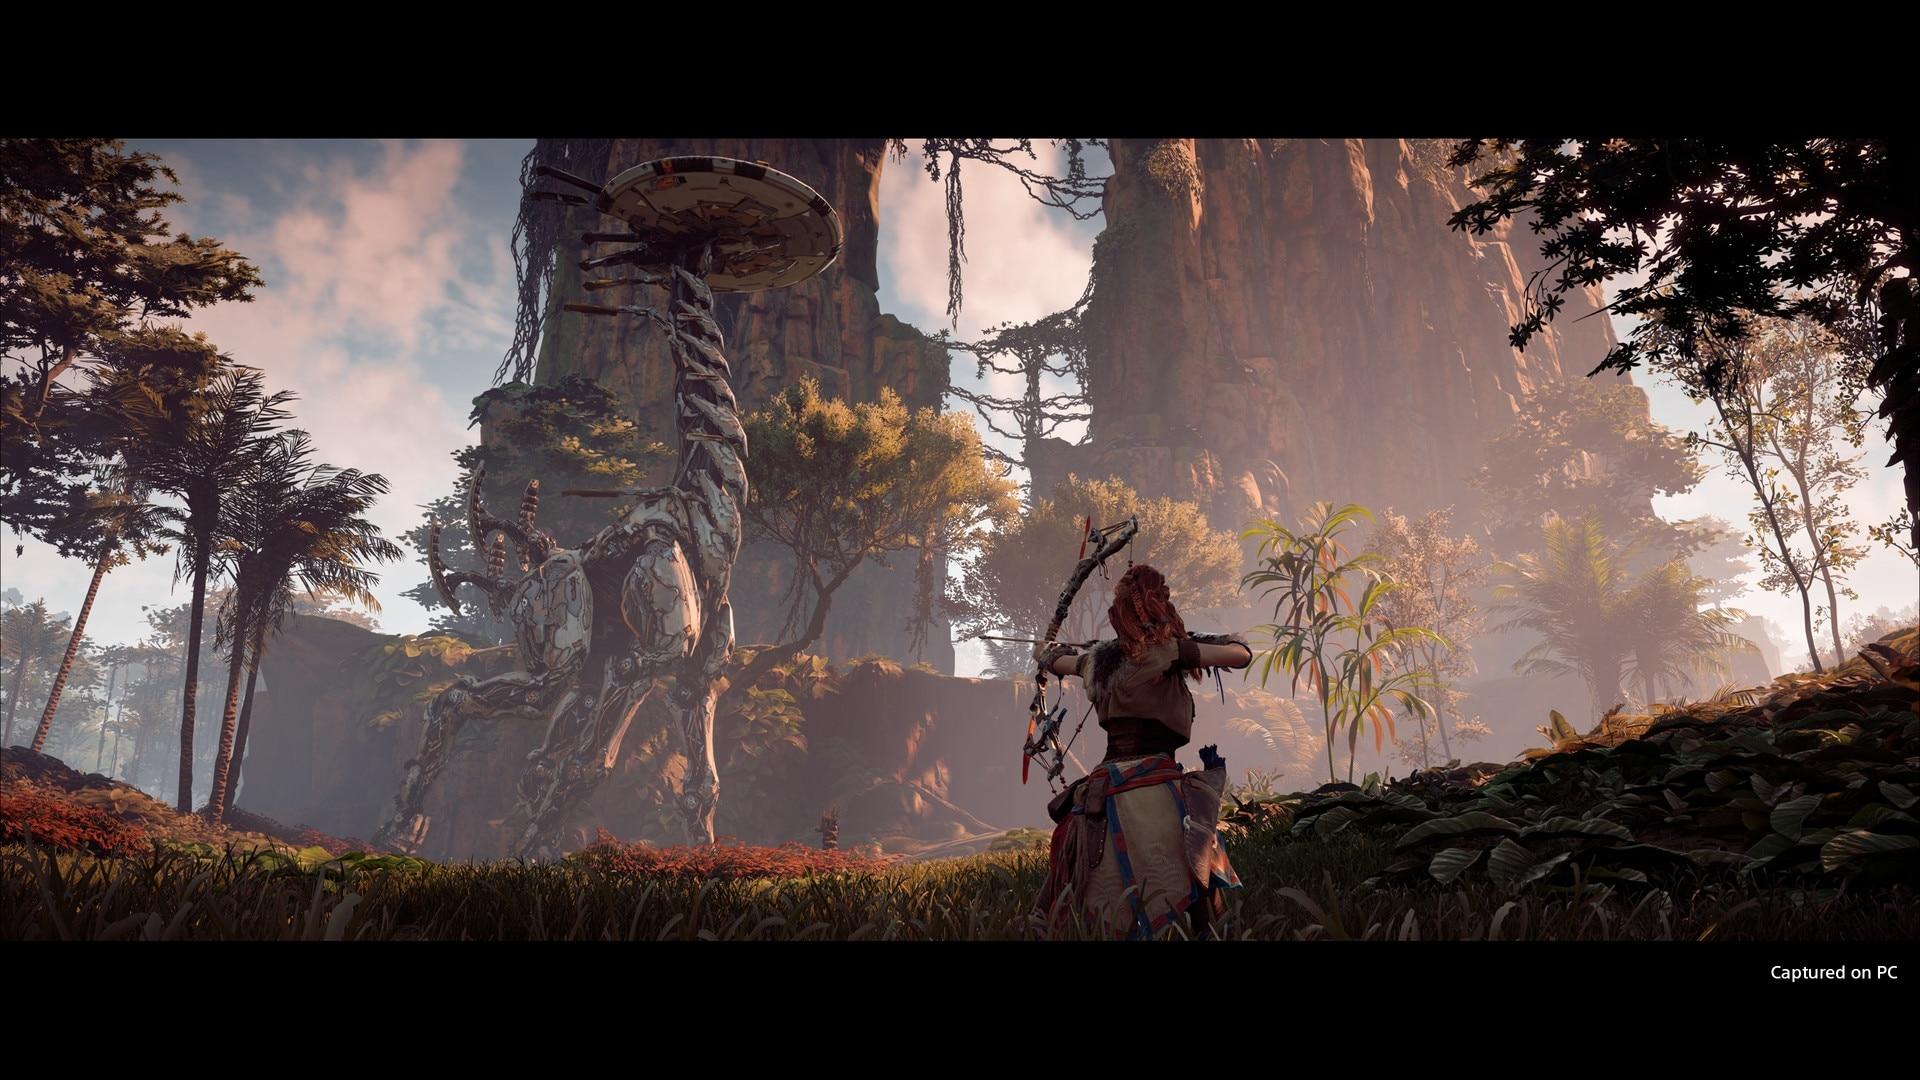 地平线零之曙光 确定将于8月7日登陆PC平台 Epic 游戏资讯 第2张